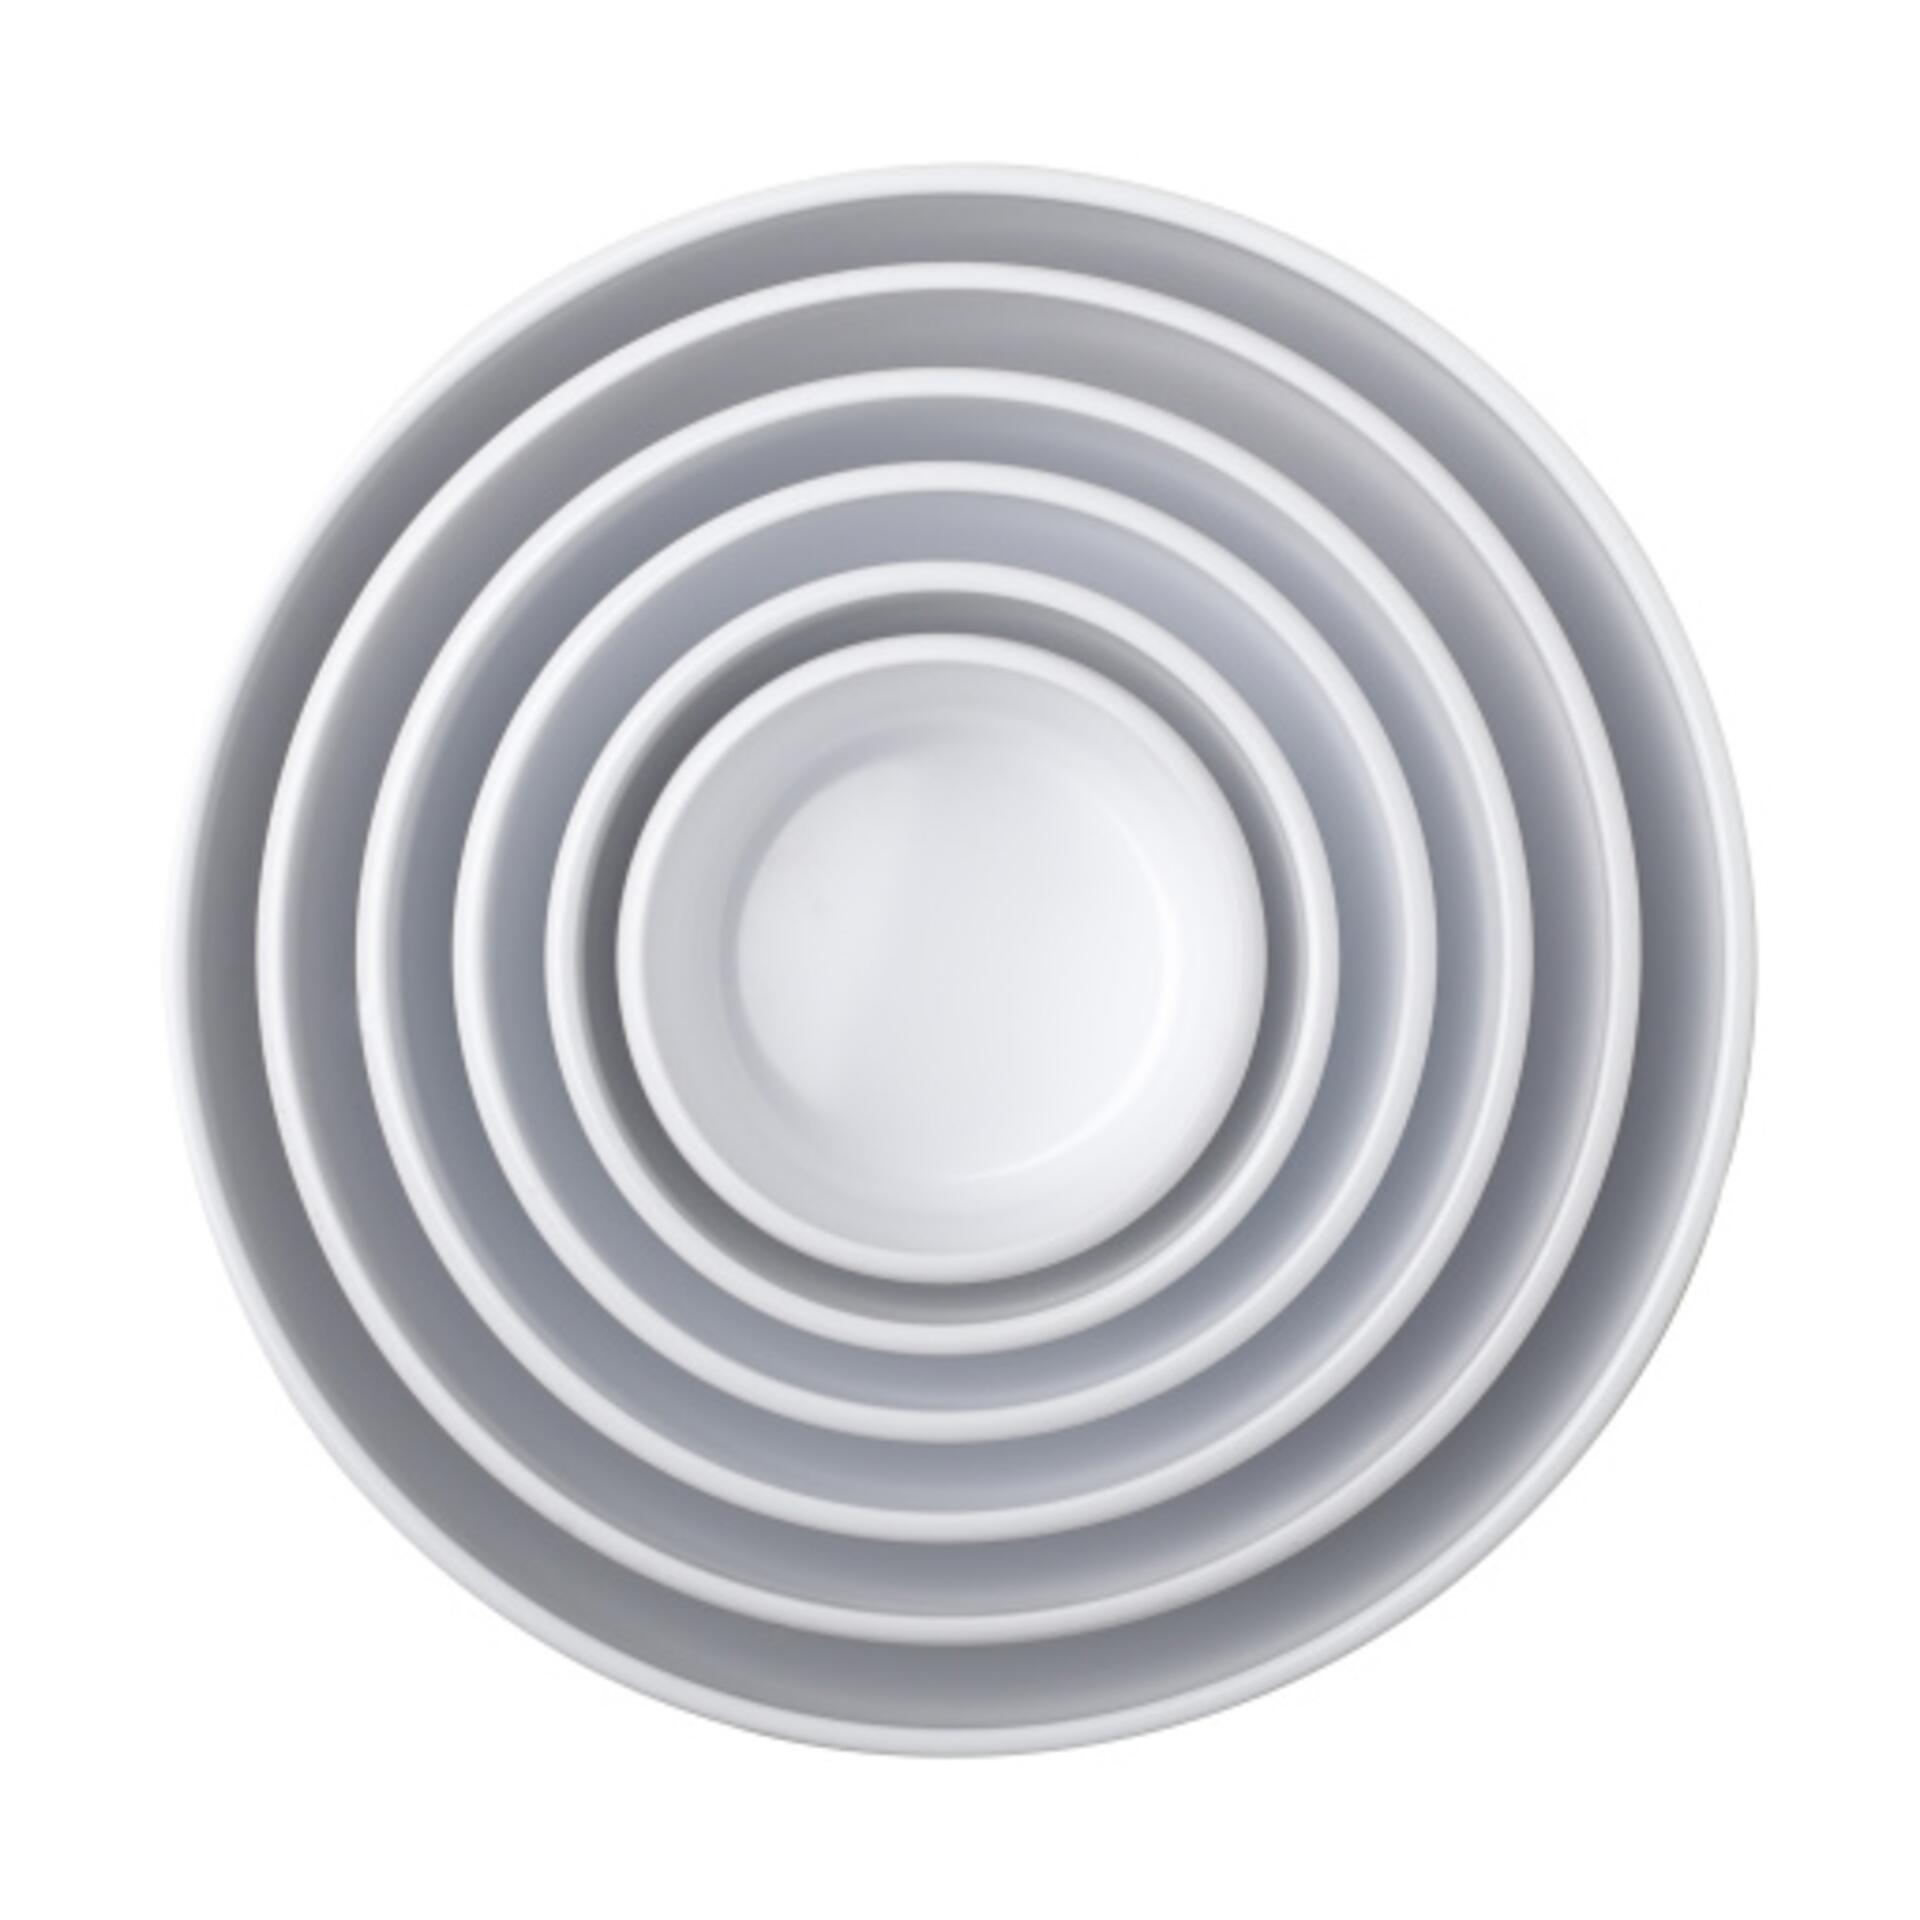 Rosti Mepal Volumia Aufbewahrung 1,0 l Weiß